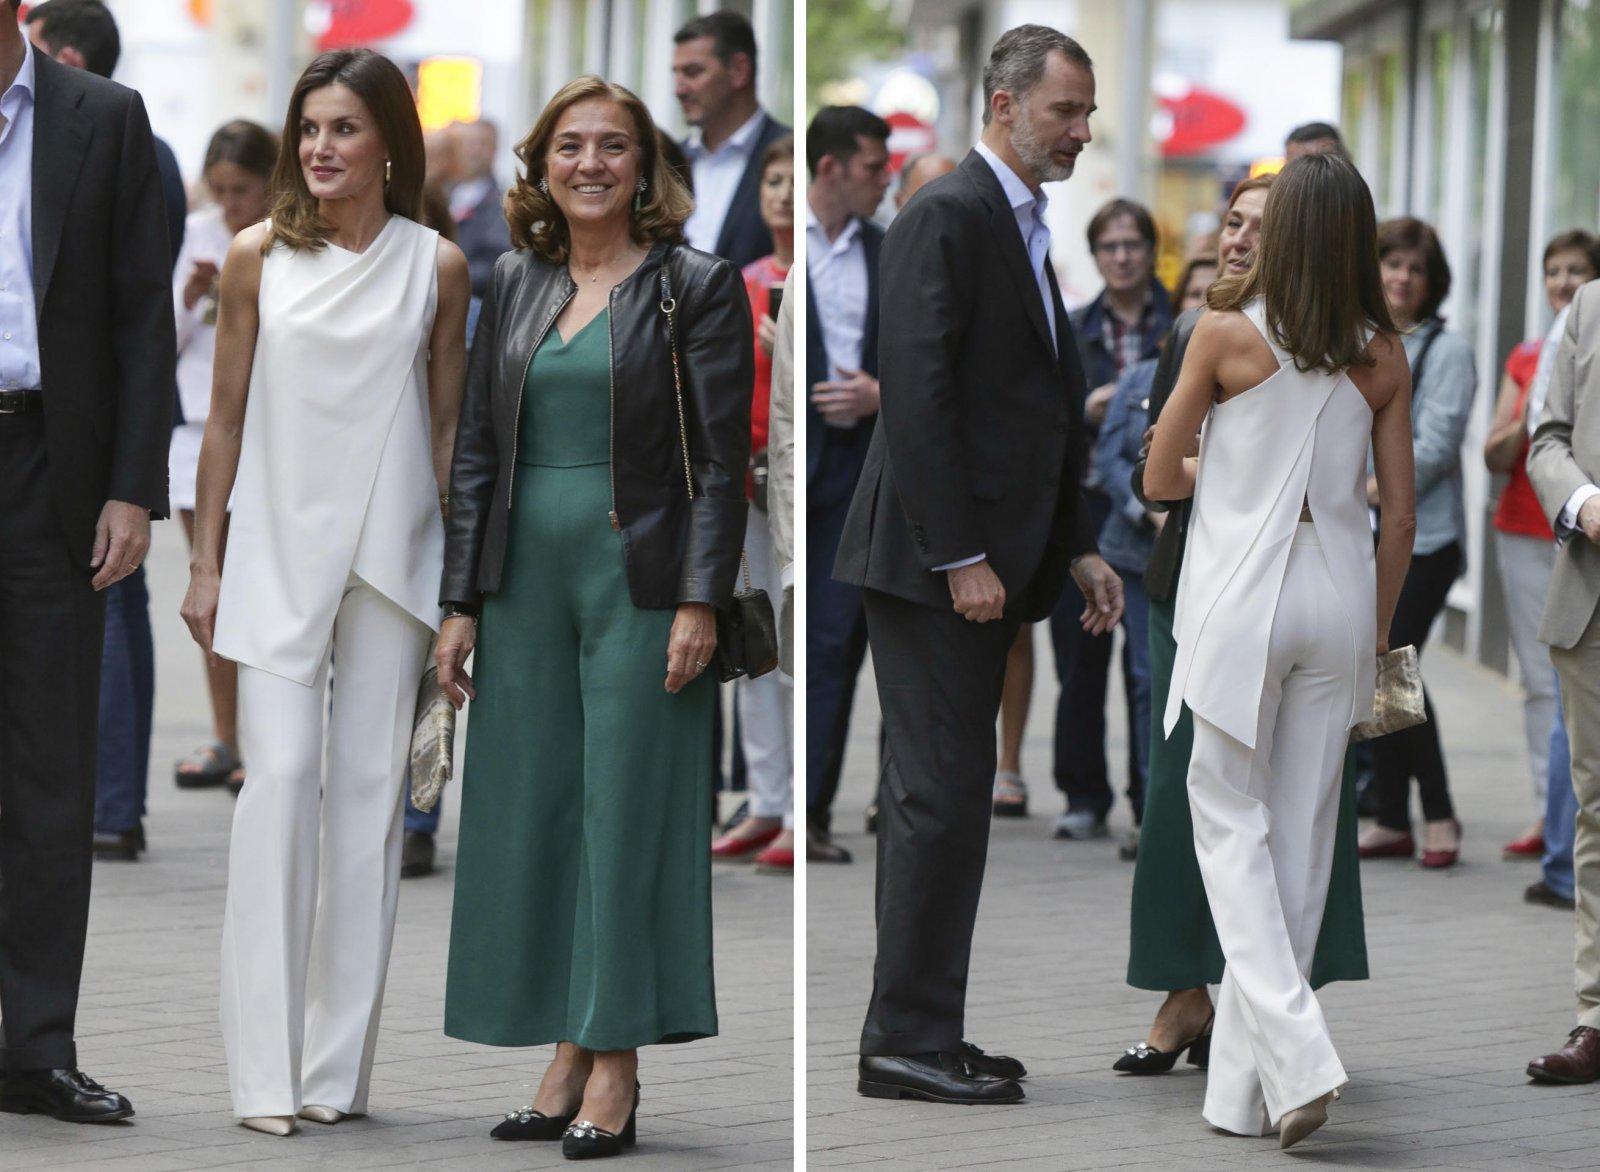 El estilismo elegido por la reina Letizia, donde se puede apreciar el detalle de la espalda